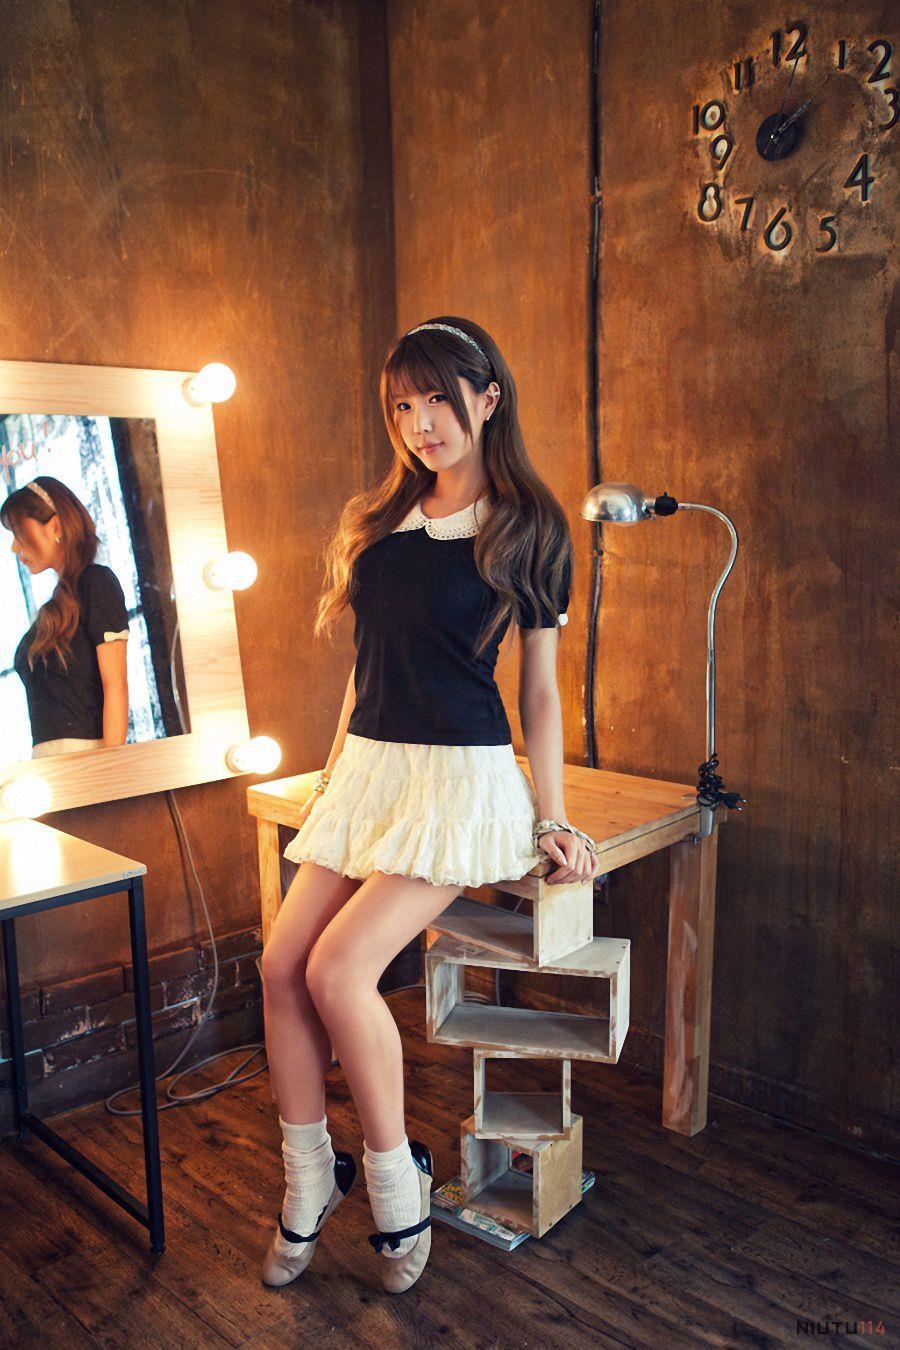 韩国妹子清纯可爱美女许允美高清私房美女写真图片